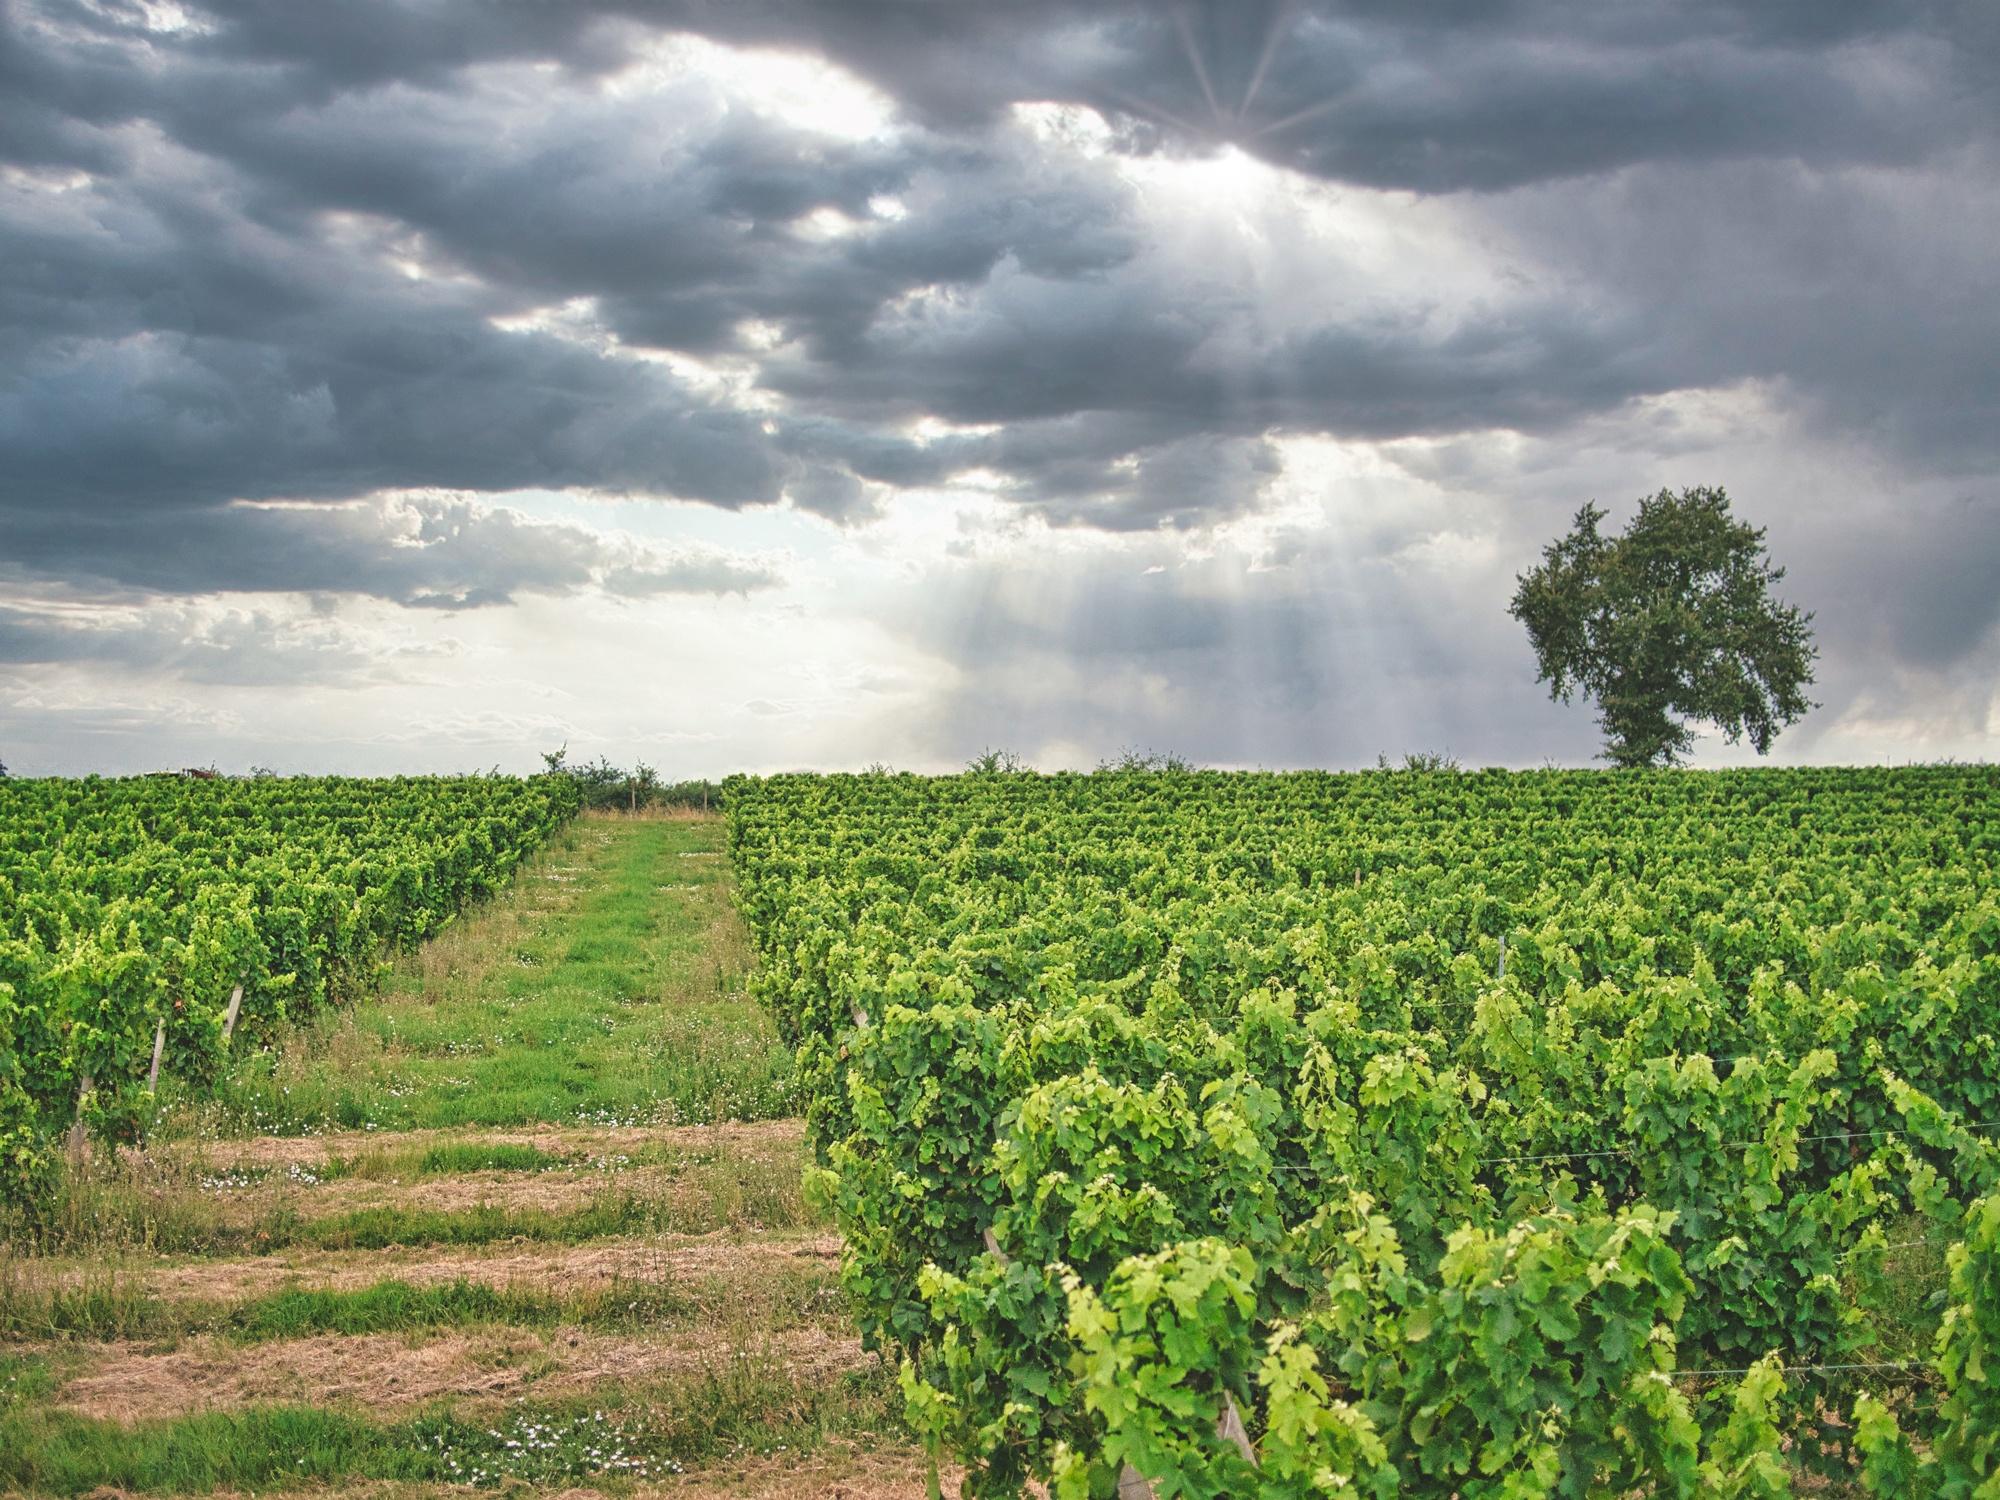 Le vignoble - Latorse